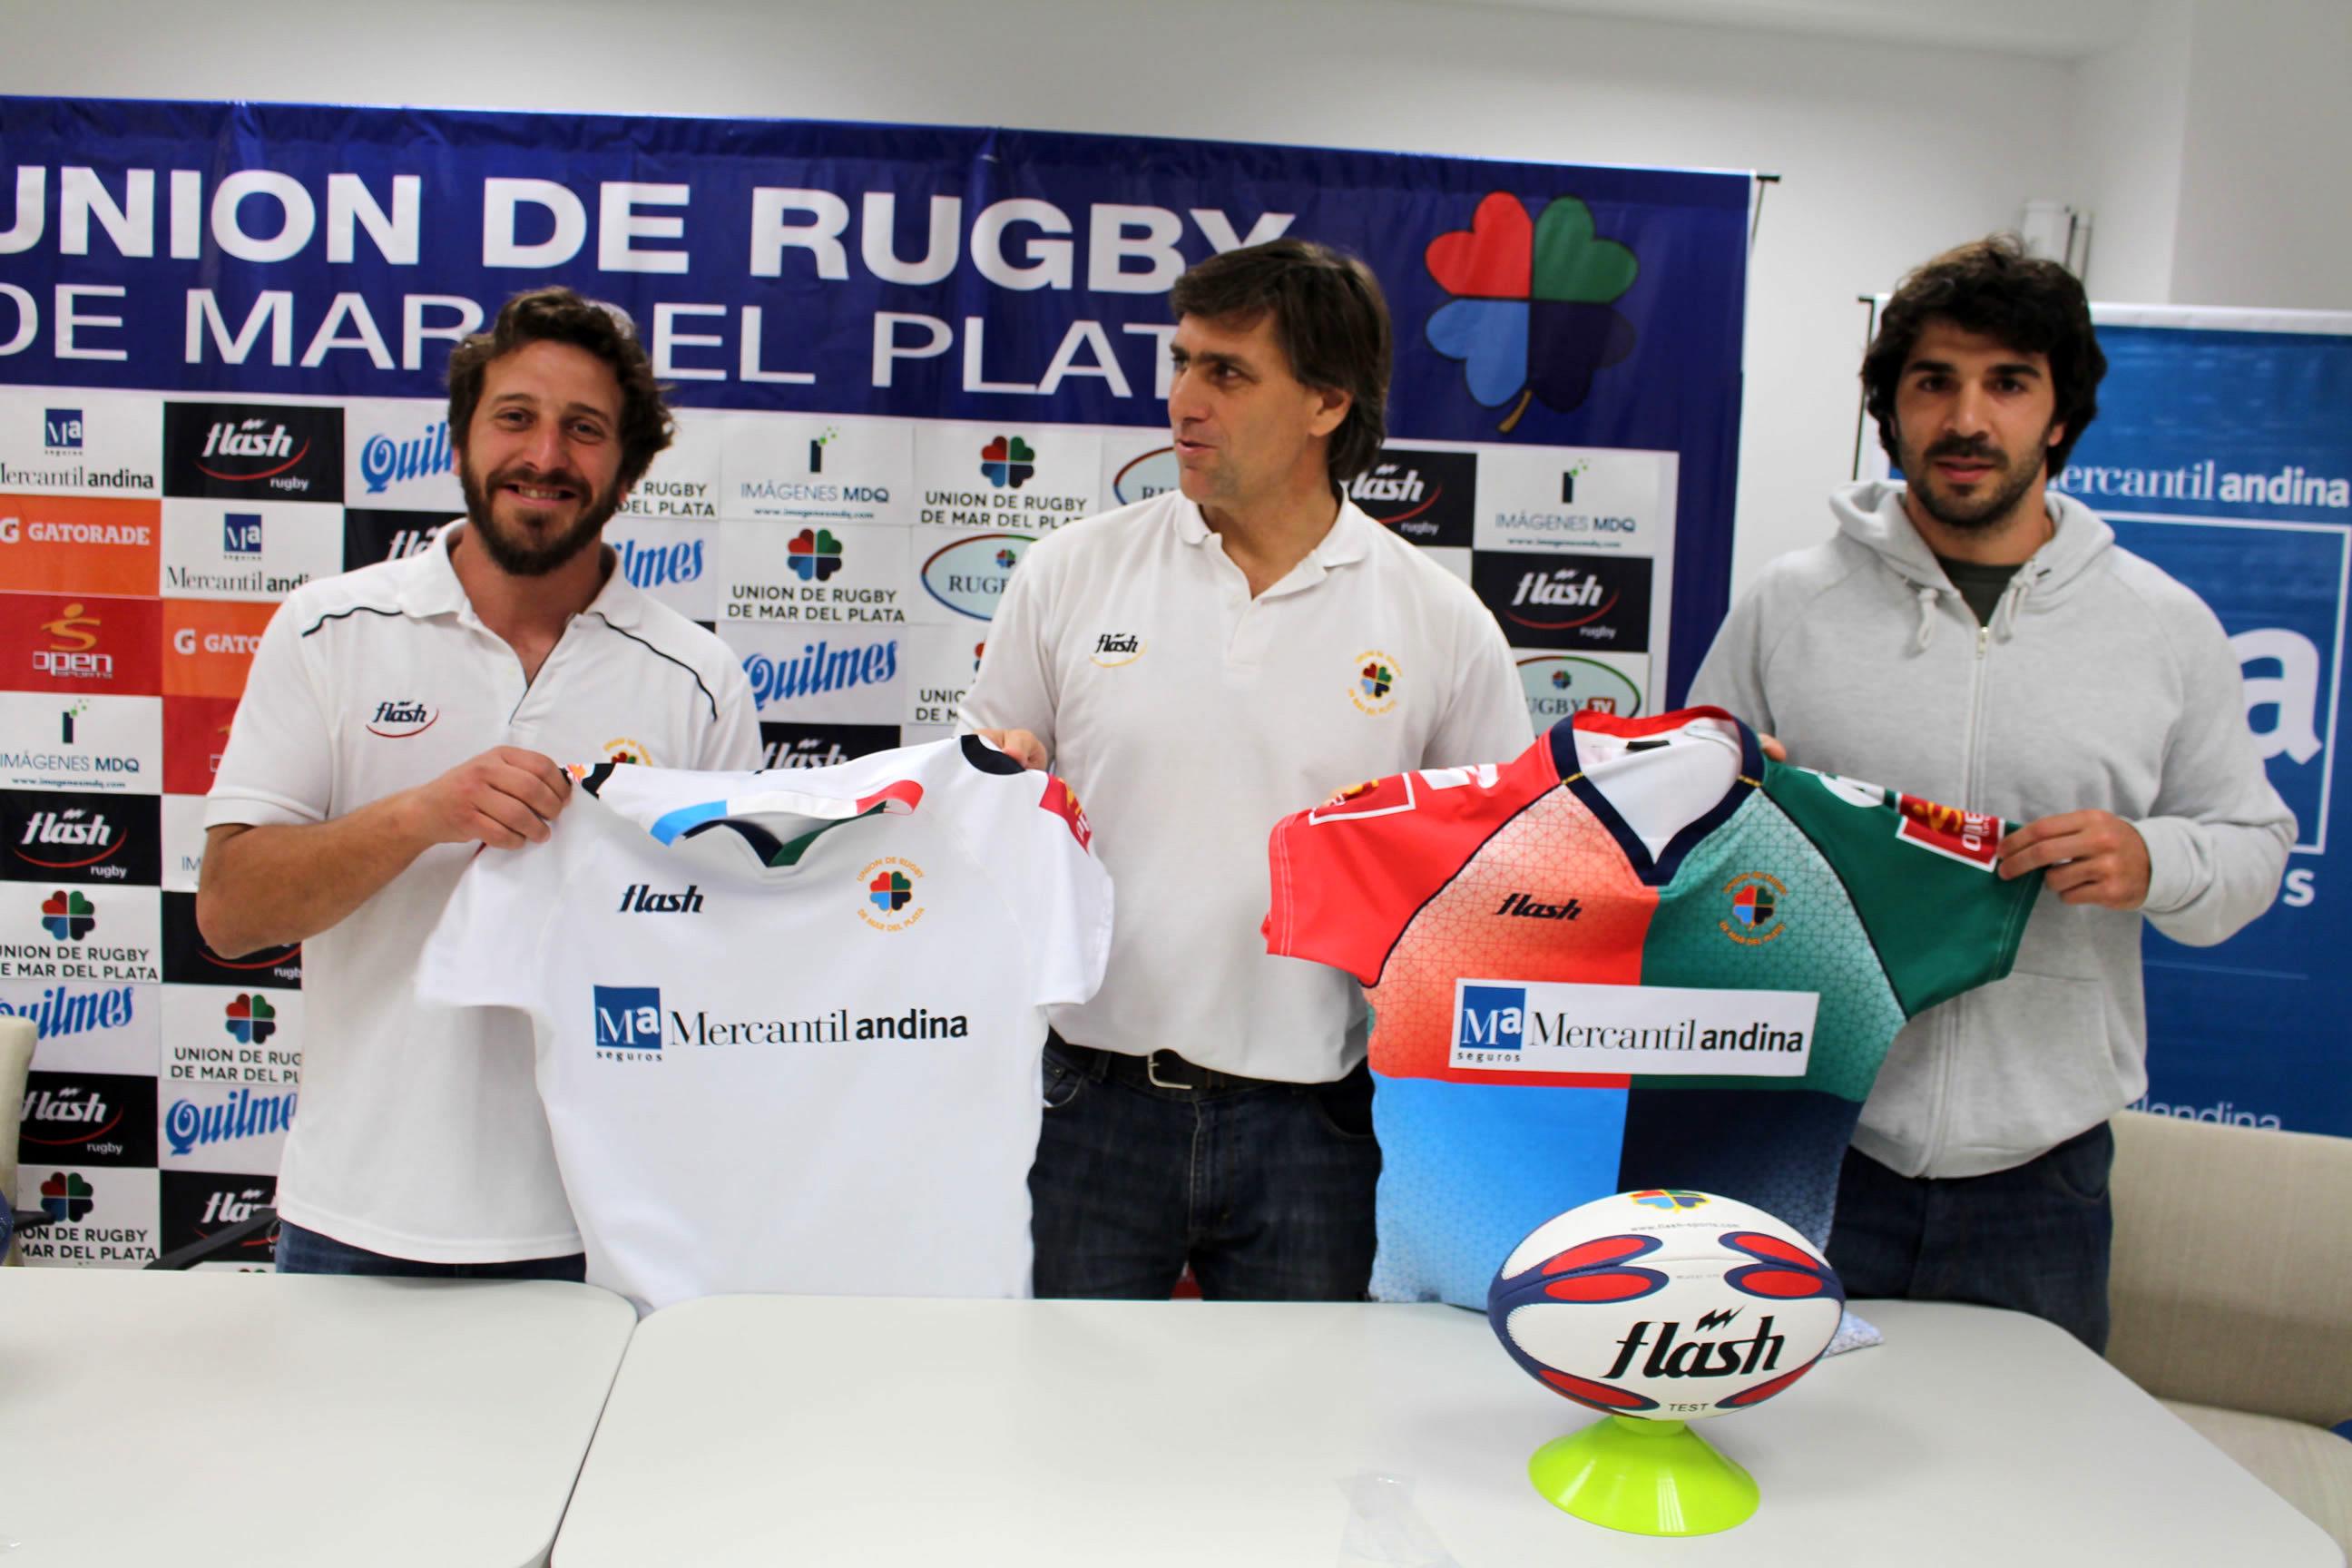 Iza, Villén y Riego mostrando las camisetas de la Selecciòn. (Foto: Prensa URMDP)